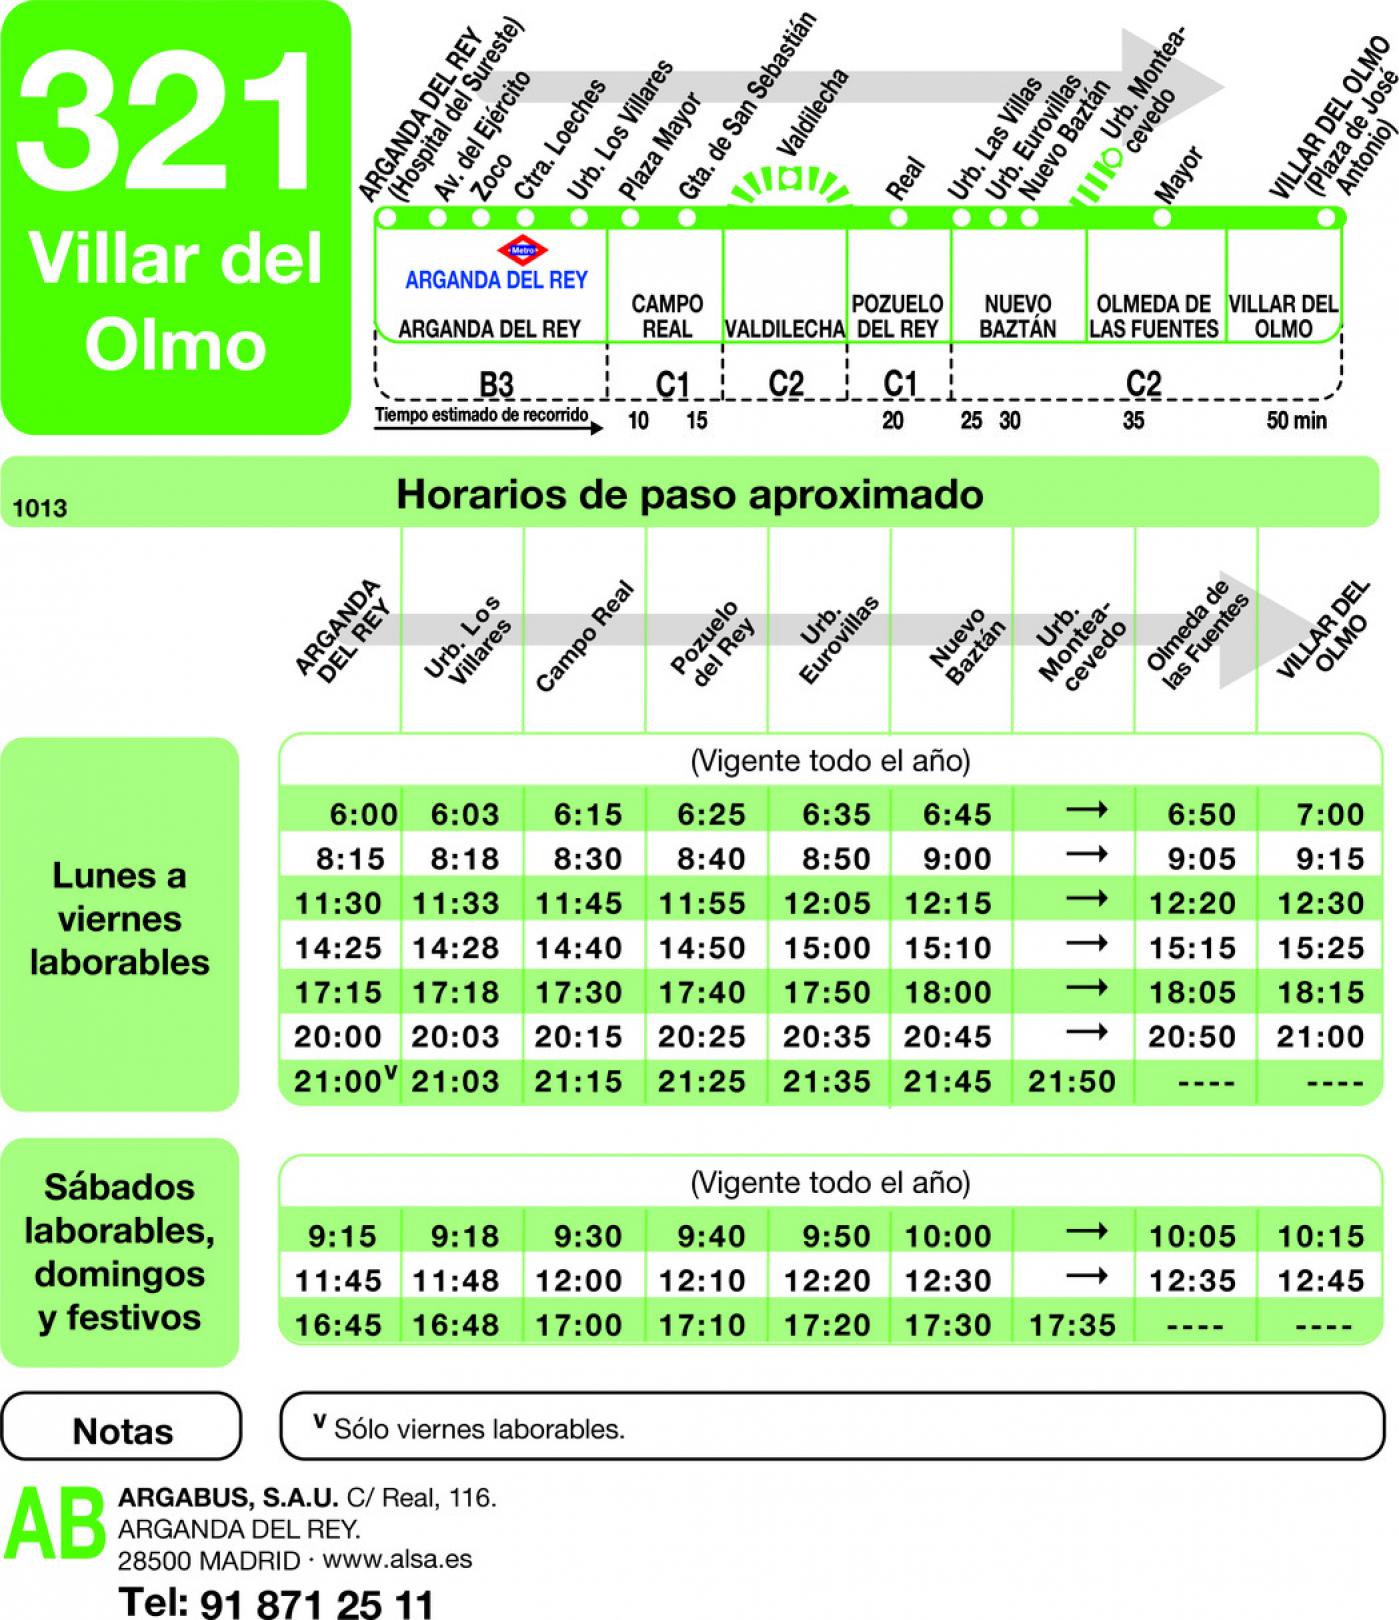 Tabla de horarios y frecuencias de paso en sentido ida Línea 321: Arganda (Hospital) - Villar del Olmo